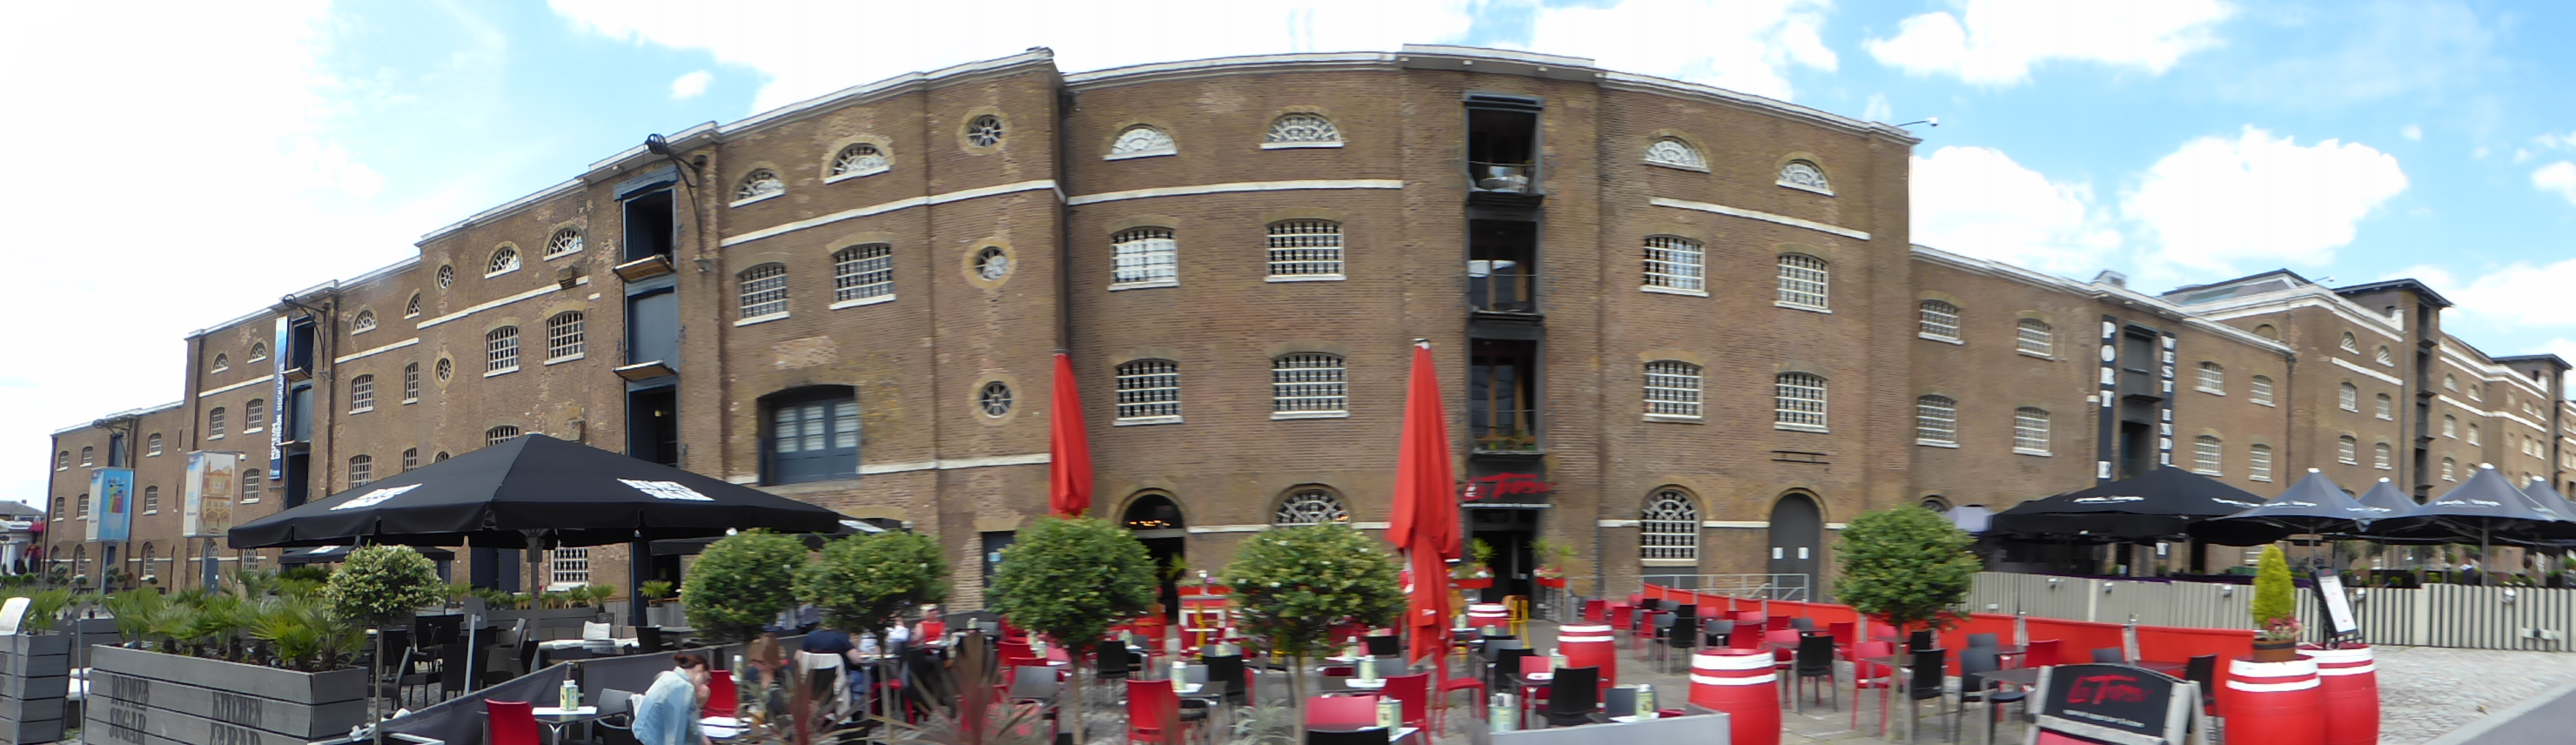 Das Museum of London Docklands dokumentiert Handel und Wandel im einst größten Hafengebiet der Welt